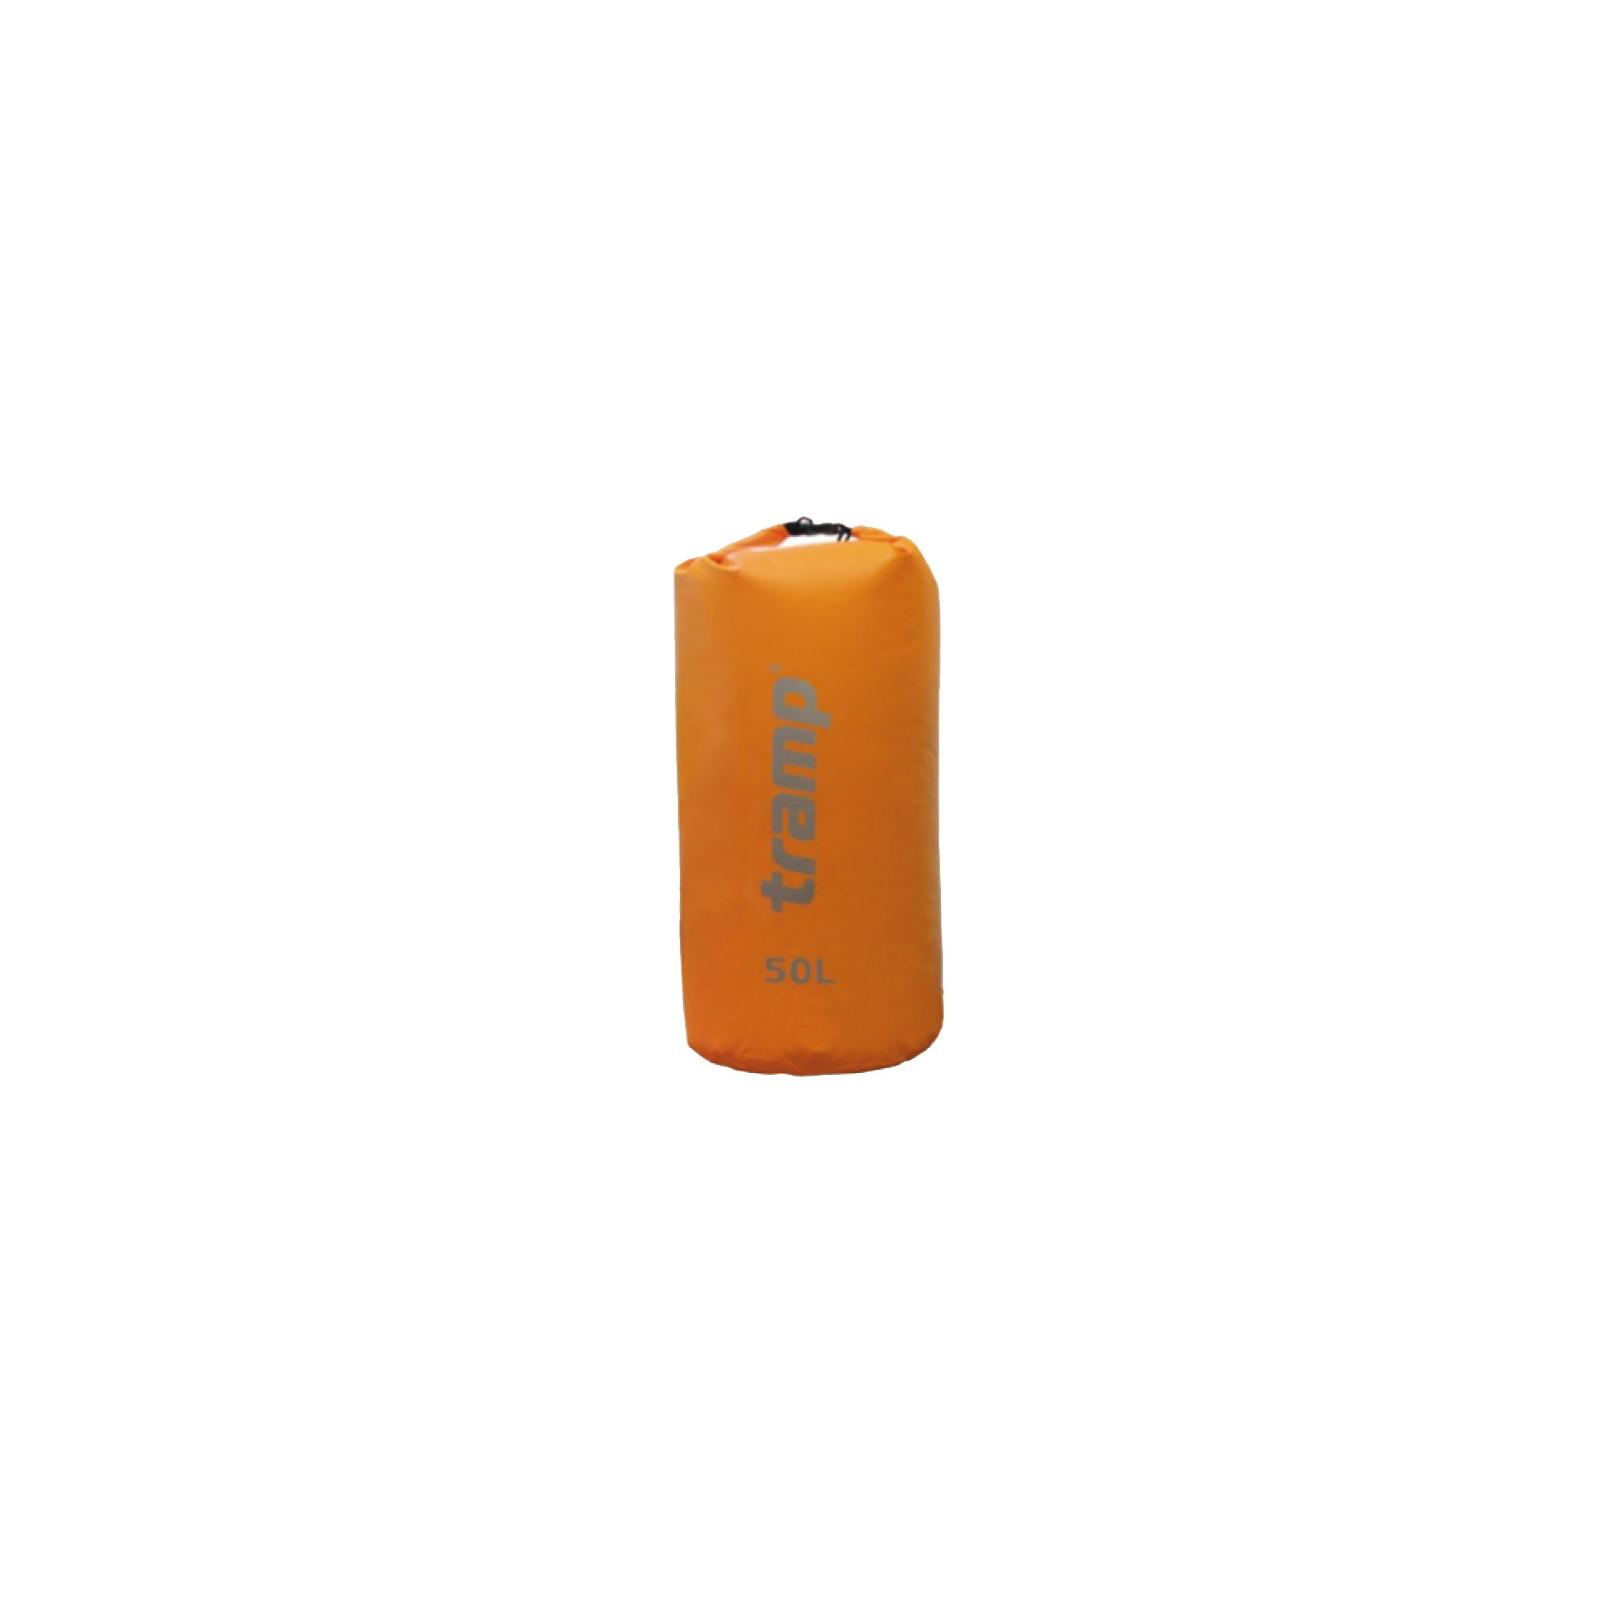 Гермомешок Tramp PVC 50 л оранжевый (TRA-068.2)